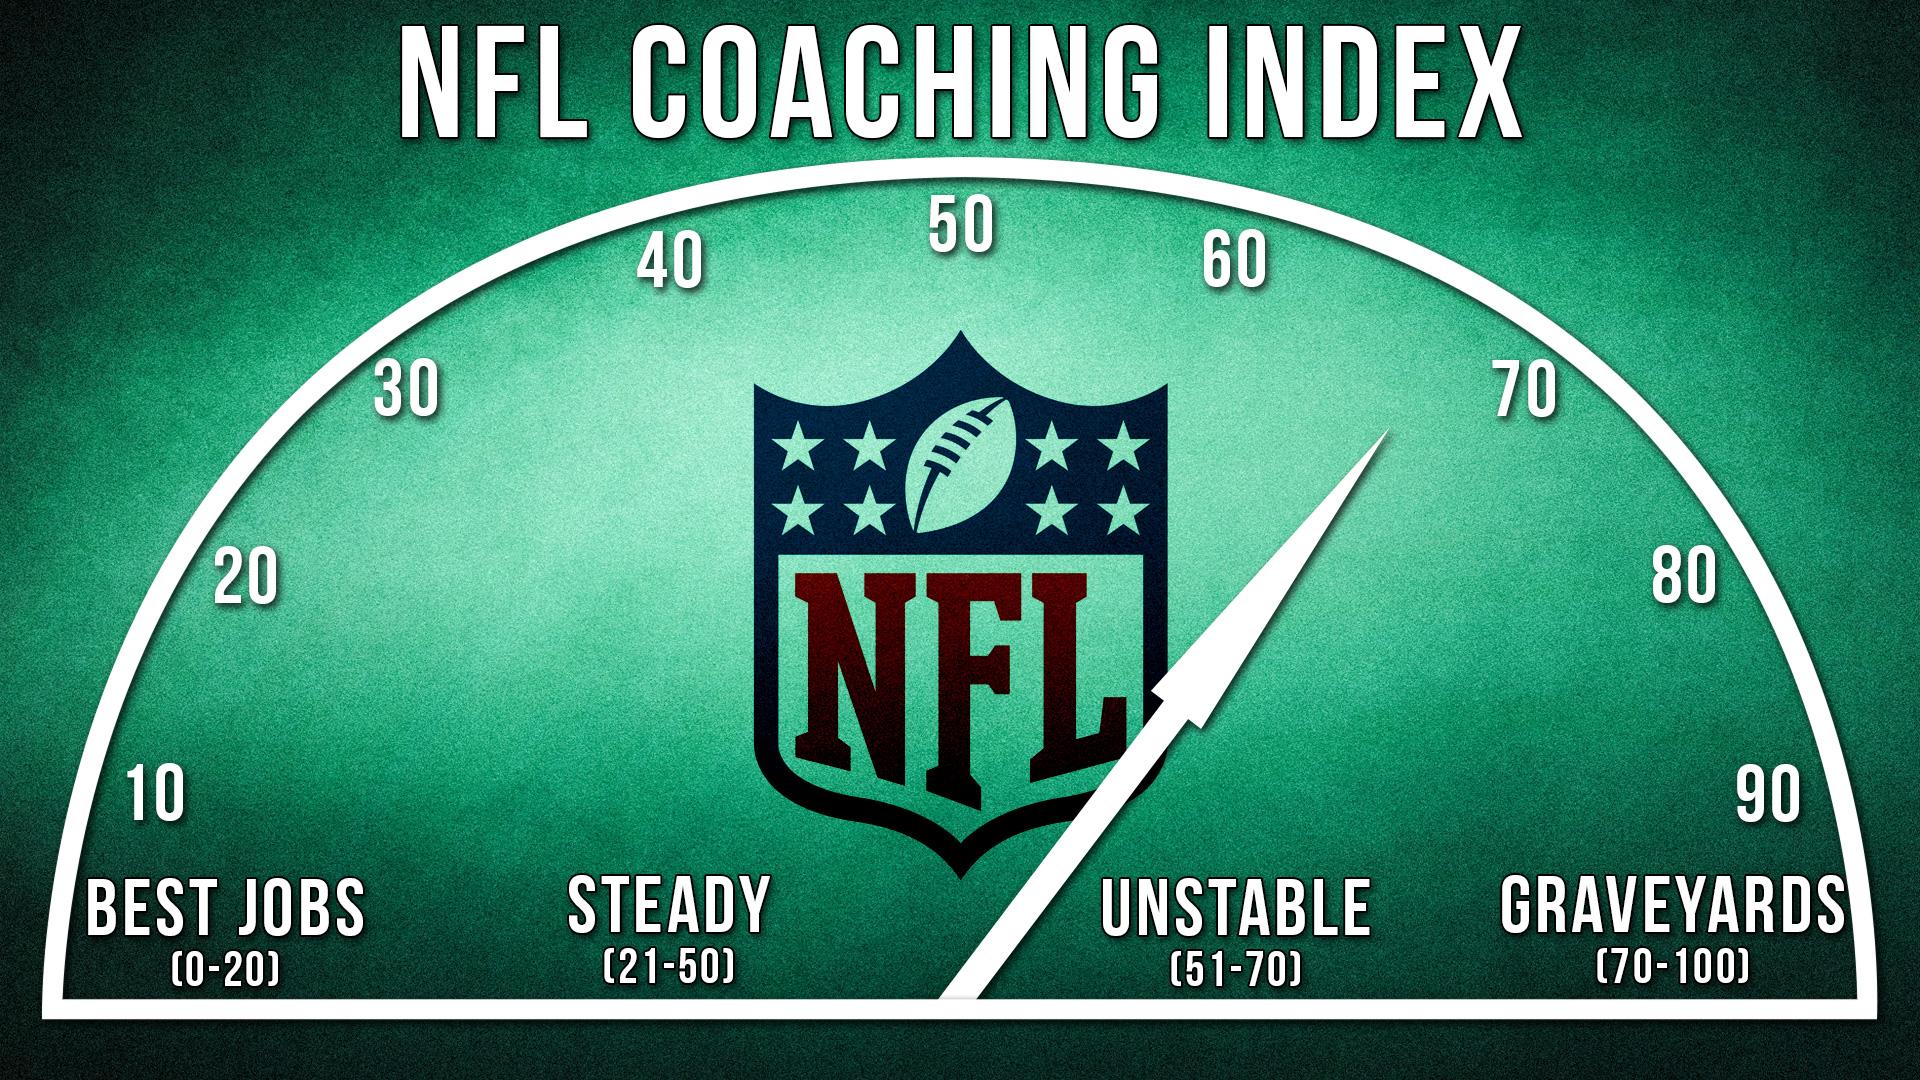 Illo Nfl Coaching Index